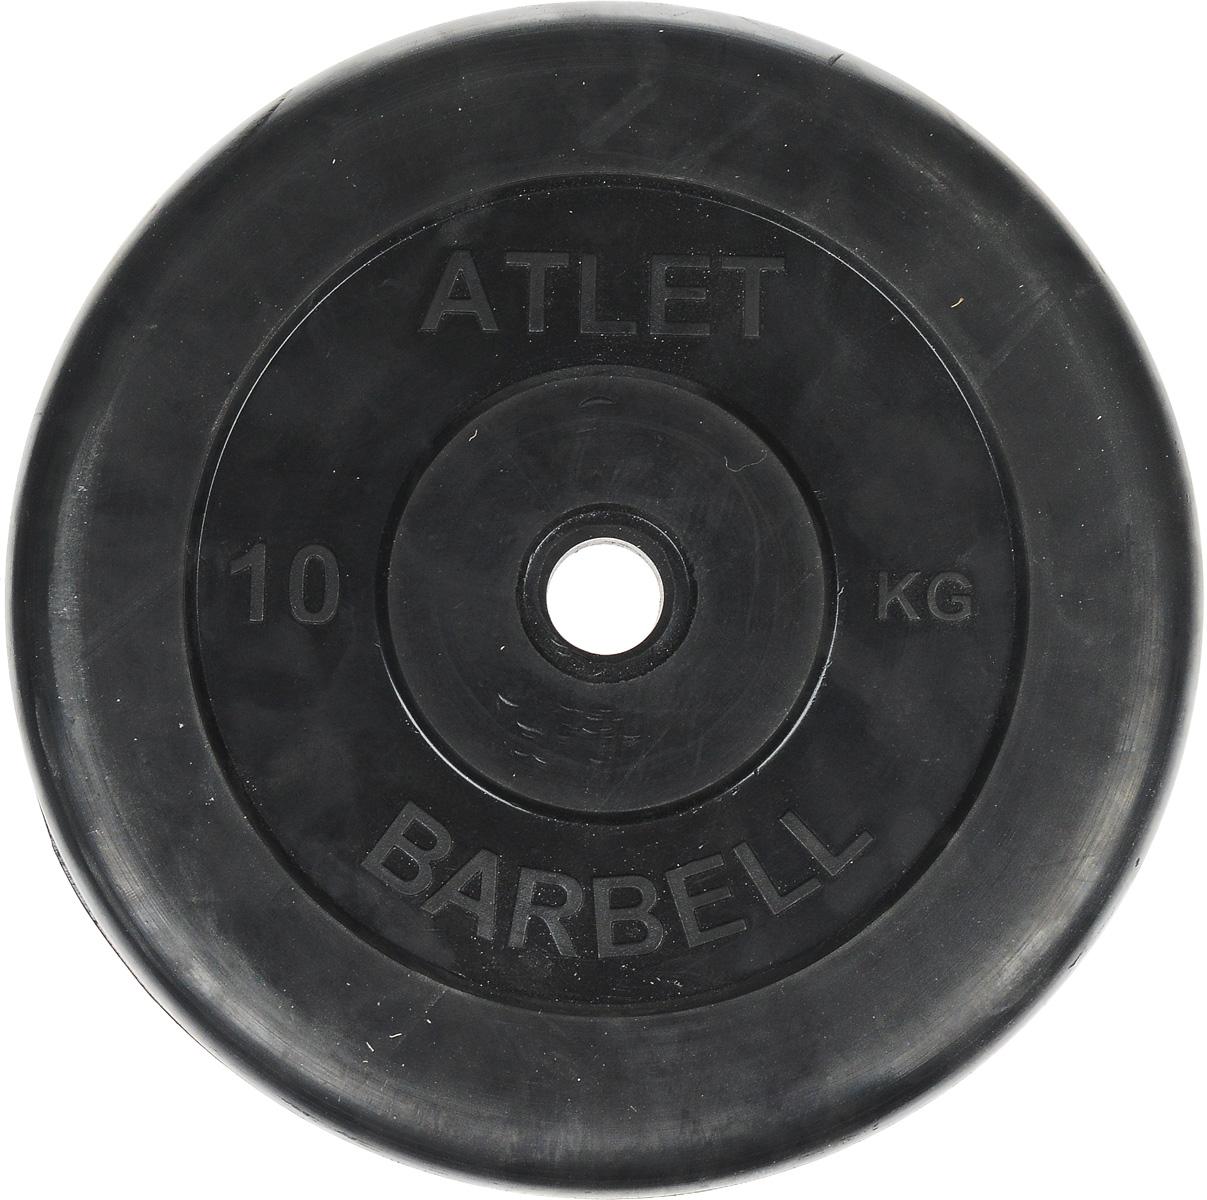 Диск обрезиненный MB Atlet, цвет: черный, 10 кг28260627Самым известным снарядом для силовых тренировок являются штанги и наборные гантели. За счет съемных дисков разного размера и массы вы можете оптимизировать собственную программу тренировки или с успехом следовать той, что разработал тренер. Меняя блины на штанге и постепенно увеличивая нагрузку, вы в состоянии добиться отличных результатов и без посещения тренажерного зала. Диски MB Atlet выполнены из вулканизированного каучука, внутри металлическая стружка. Наибольшее распространение для использования с гантелями получили диски с посадочным диаметром 26 мм, так называемого американского стандарта. Для домашних условий чаще всего применяются обрезиненные диски со специальным покрытием, которые не царапают пол и не гремят, не привлекая излишнее внимание соседей. Следует учитывать, что в процессе производства диска максимально допустимое отклонение веса может составлять +/- 50 г. Диаметр диска: 27 см. Толщина диска: 4 см. Посадочный диаметр: 2,6 см.